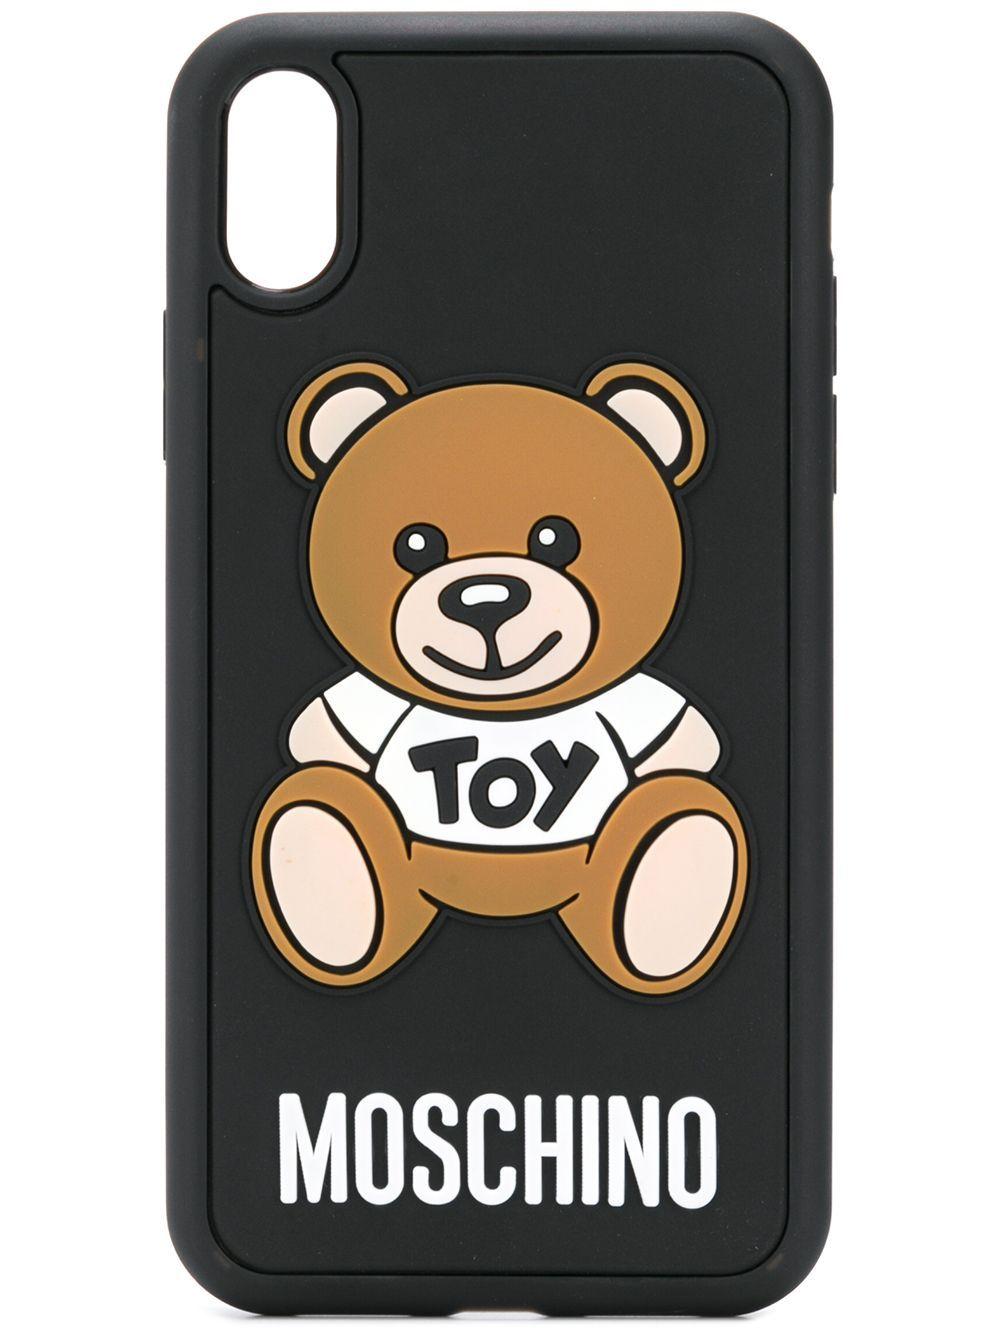 Moschino Toy Teddy Bear iPhone XR Case - Farfetch | Iphone ...